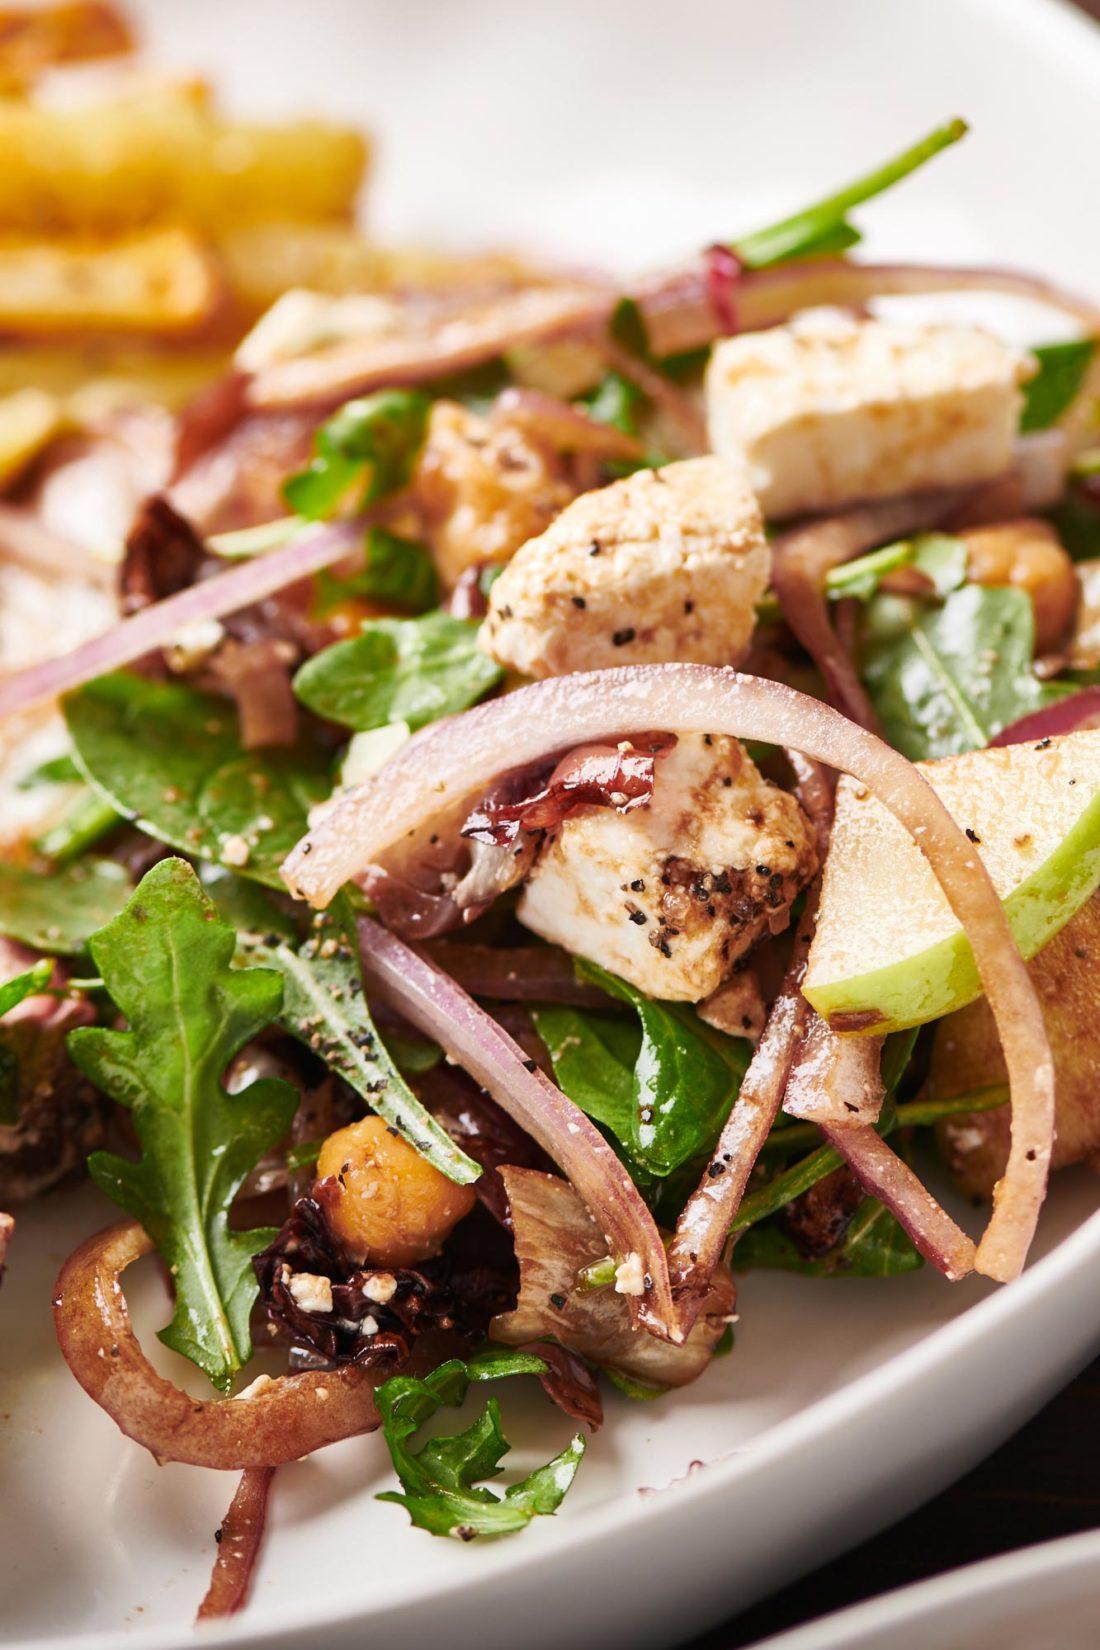 Roasted Chickpea, Apple and Feta Salad